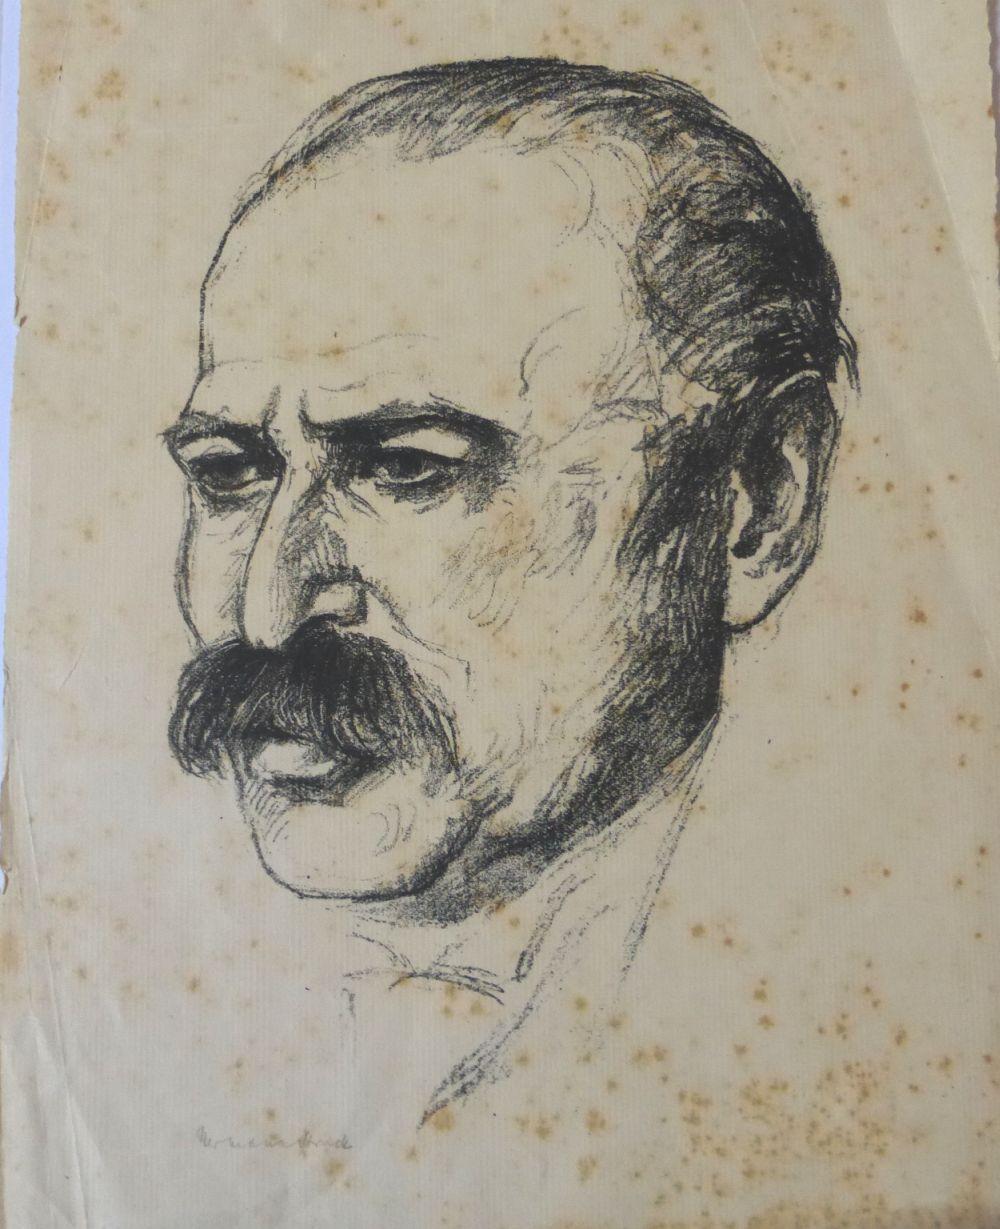 ליטוגרפיה, דיוקן הצייר לסר אורי חתום (חלודה), 26X20